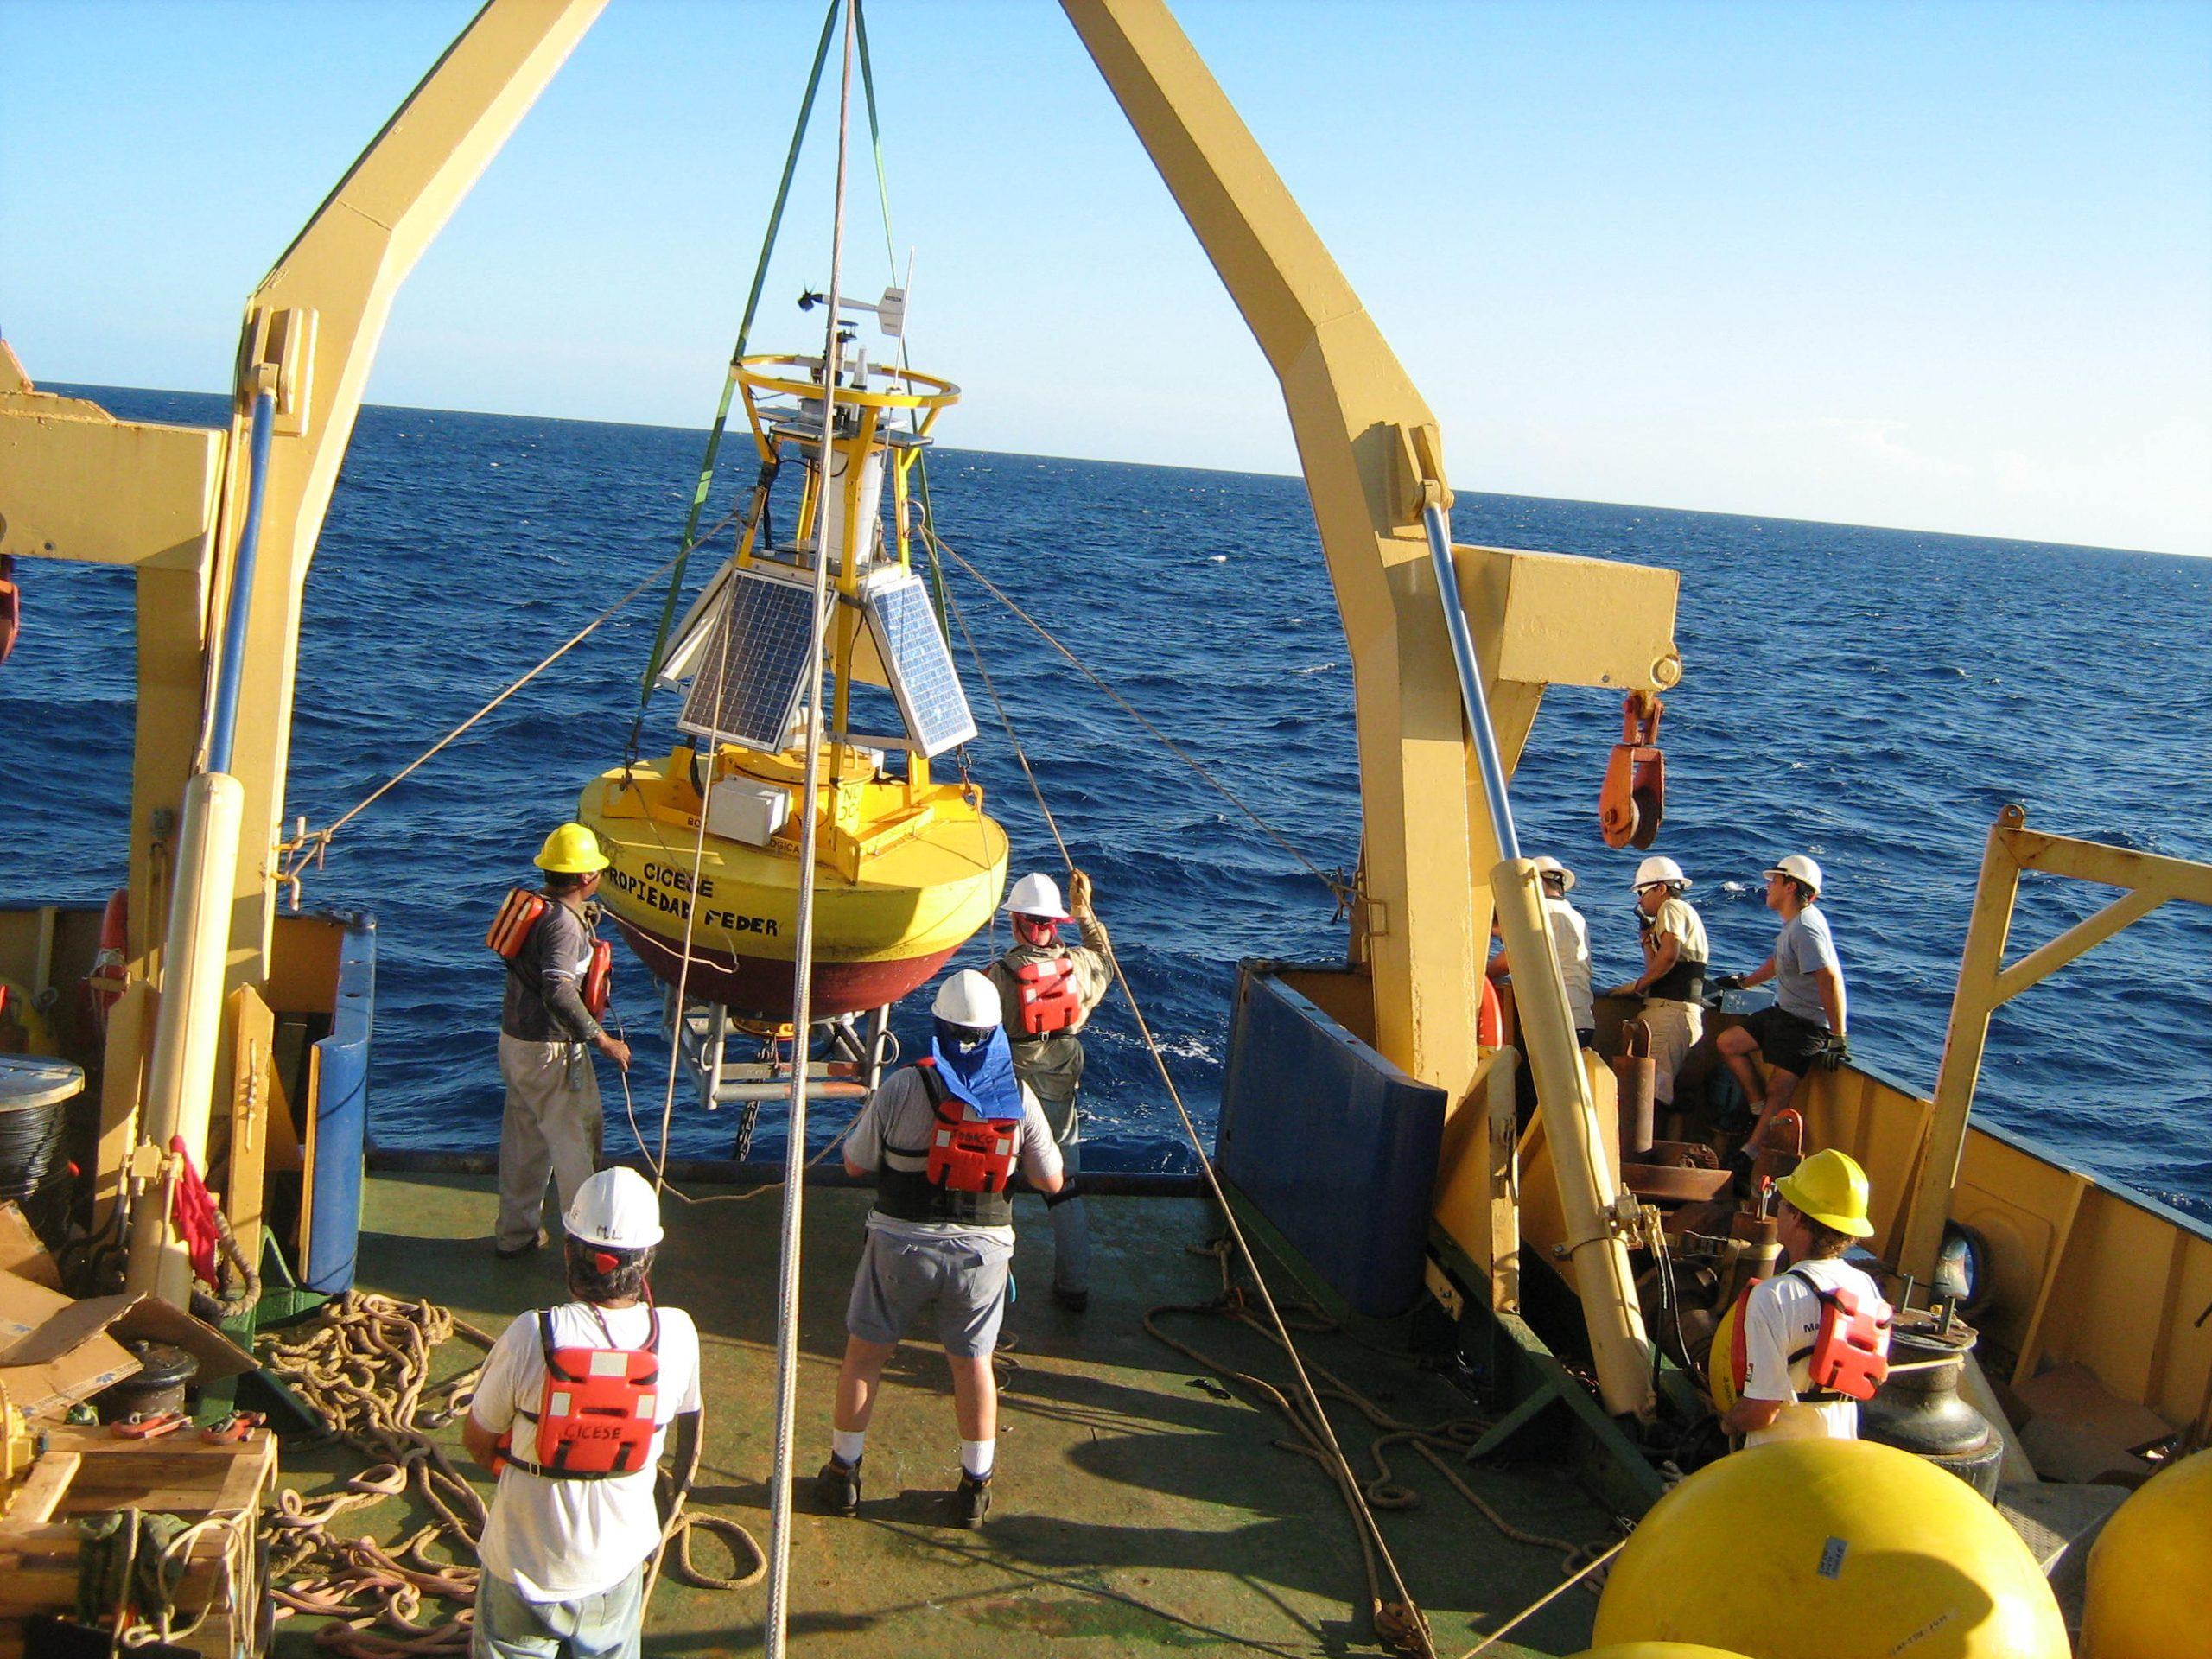 Medición de parámetros físicos y meteorológicos en el Golfo de México durante la Campaña oceanográfica Canek 42, a bordo del B_O _Justo Sierra_